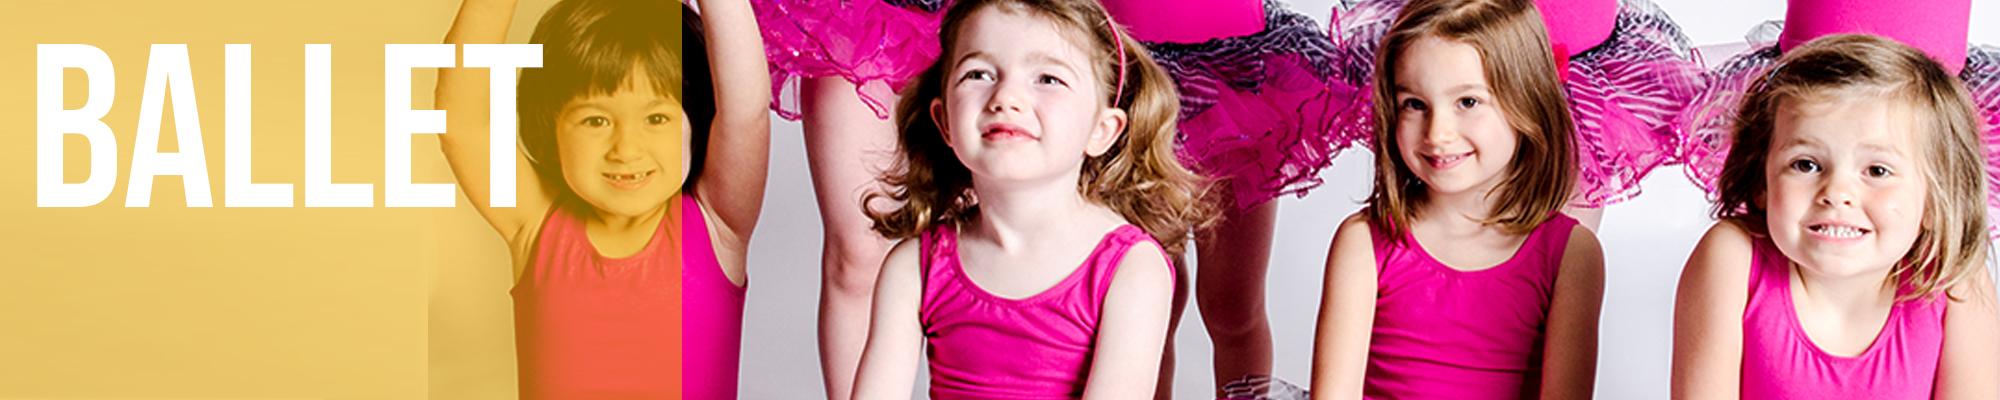 ballet primary banner.jpg